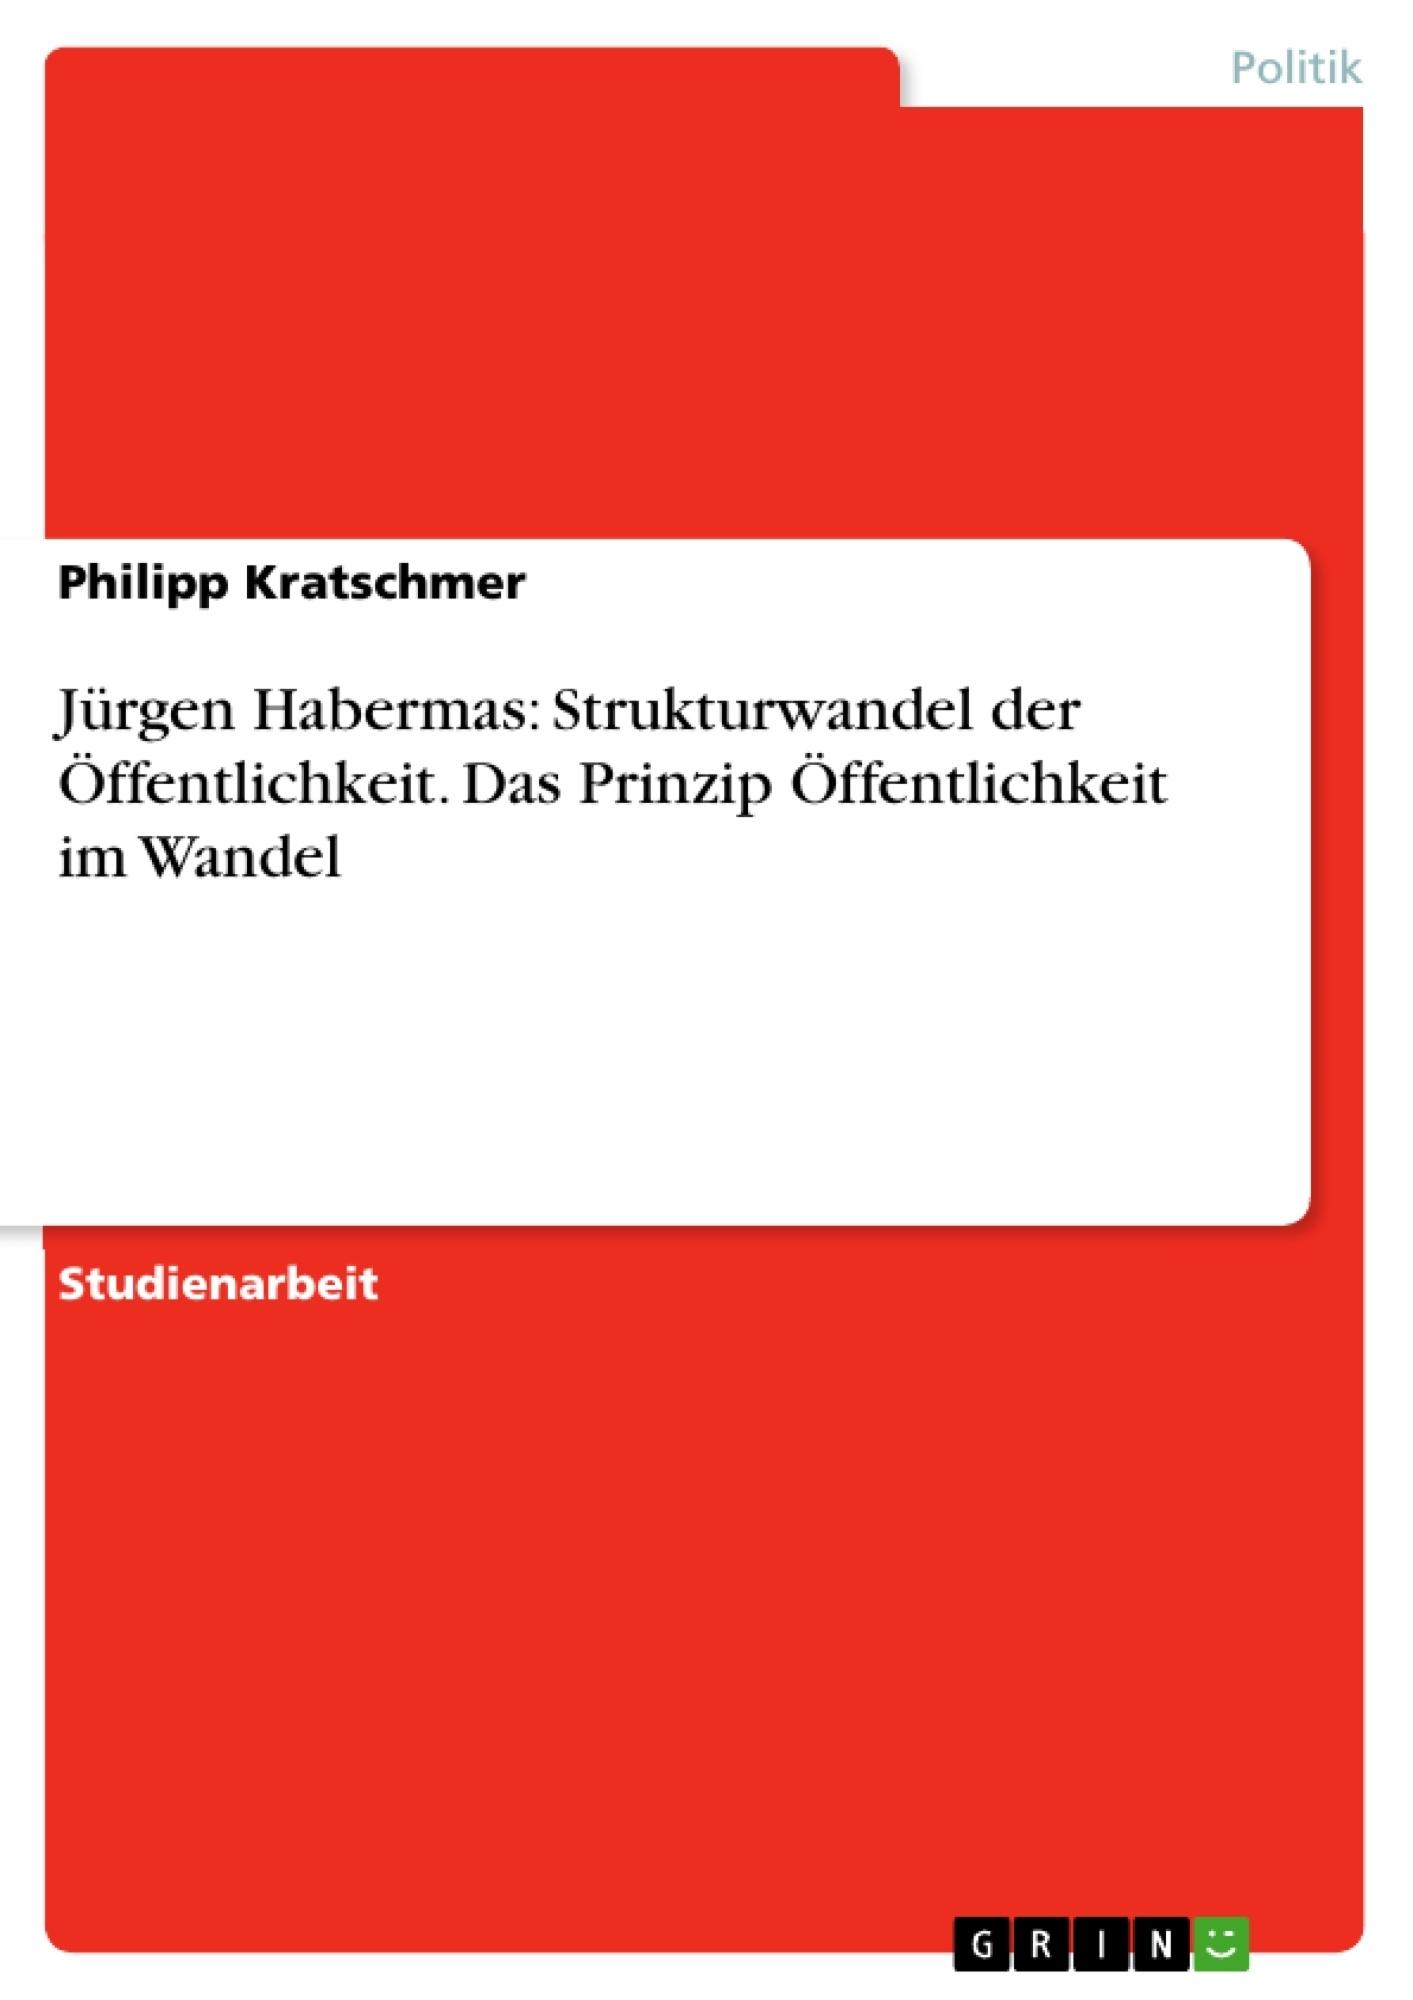 Titel: Jürgen Habermas: Strukturwandel der Öffentlichkeit. Das Prinzip Öffentlichkeit im Wandel